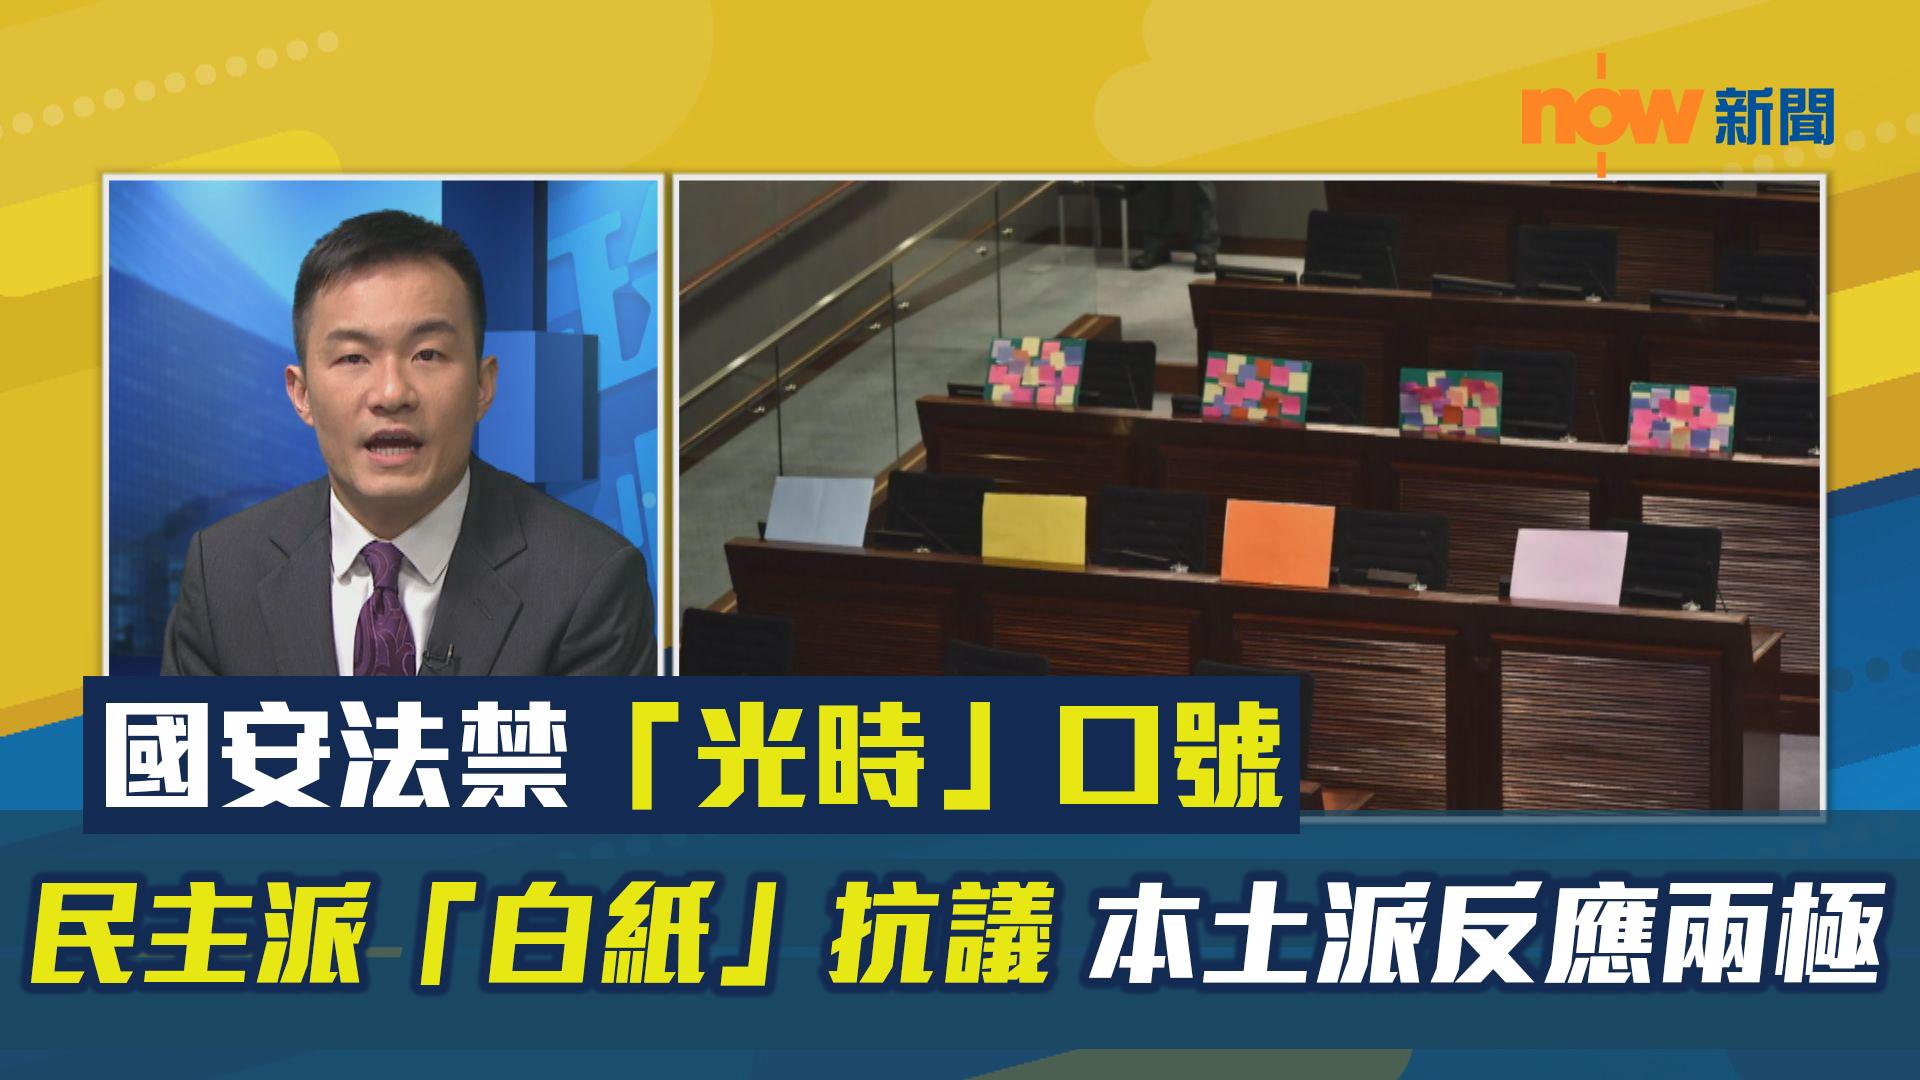 【政情】國安法禁「光時」口號 民主派「白紙」抗議 本土派反應兩極